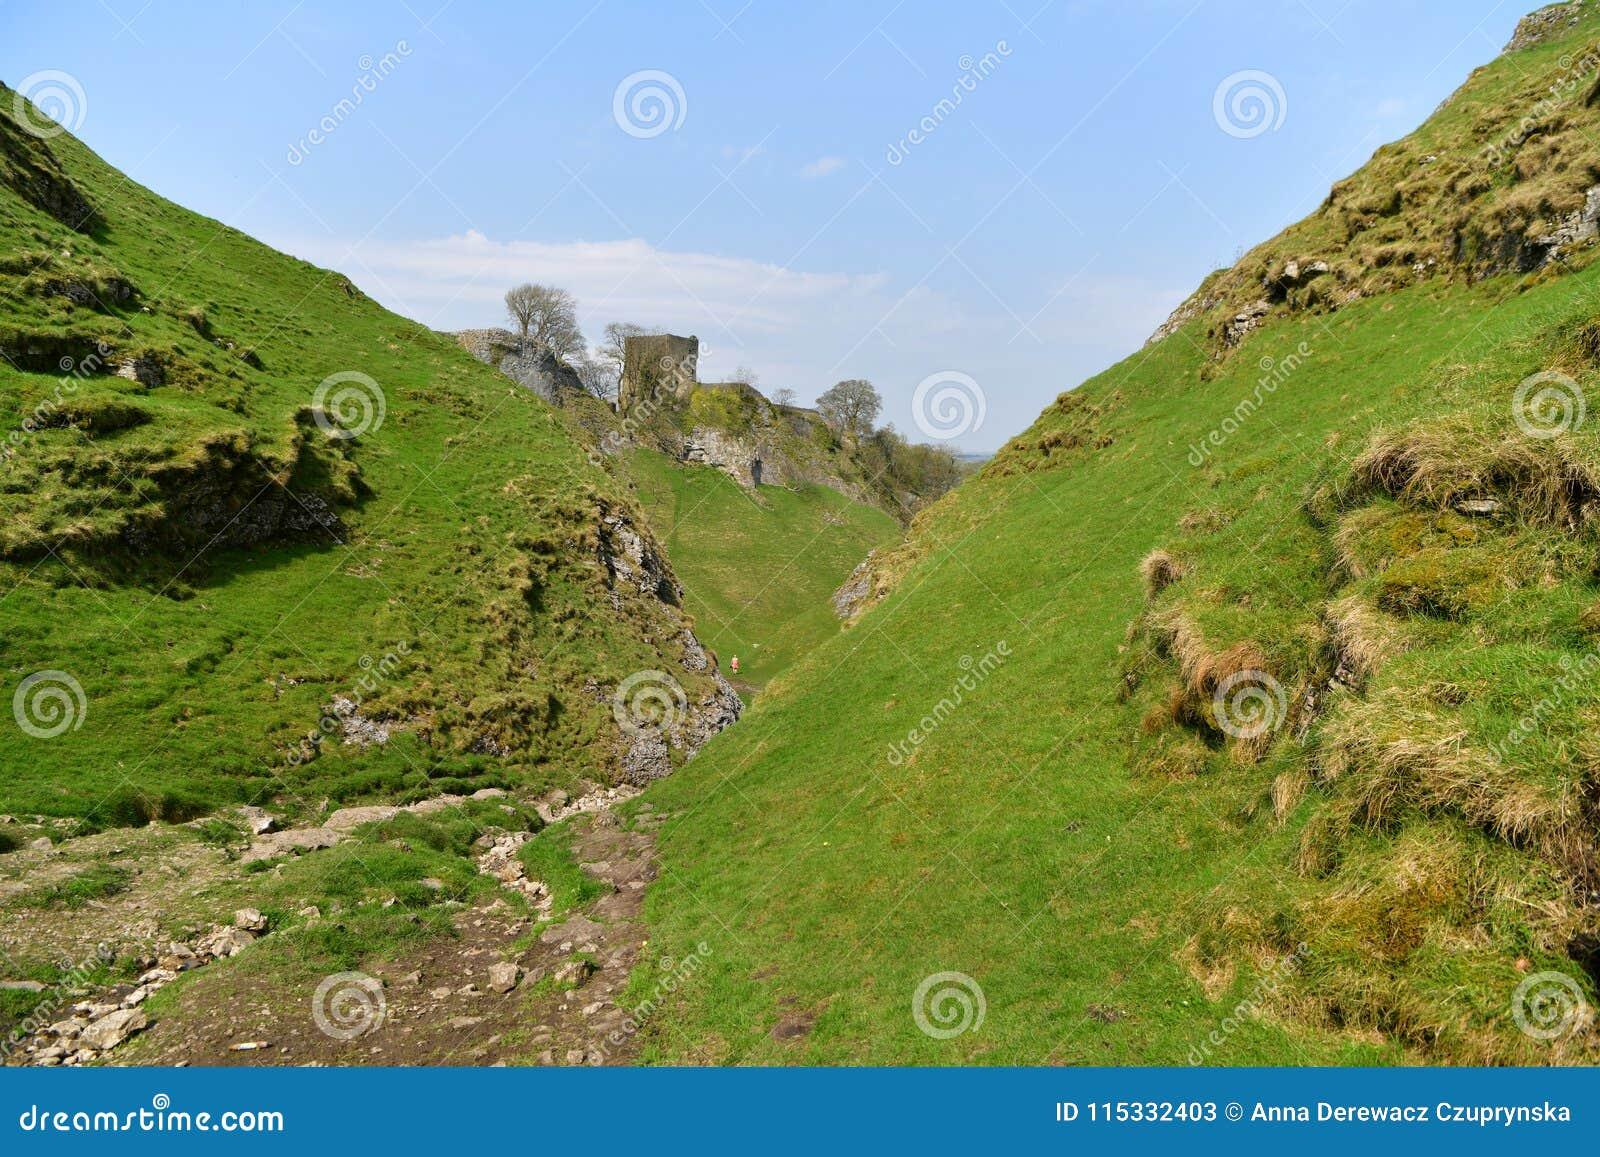 Η μέγιστη περιοχή UK, παλαιό ιστορικό Peveril Castle, αναρριχείται